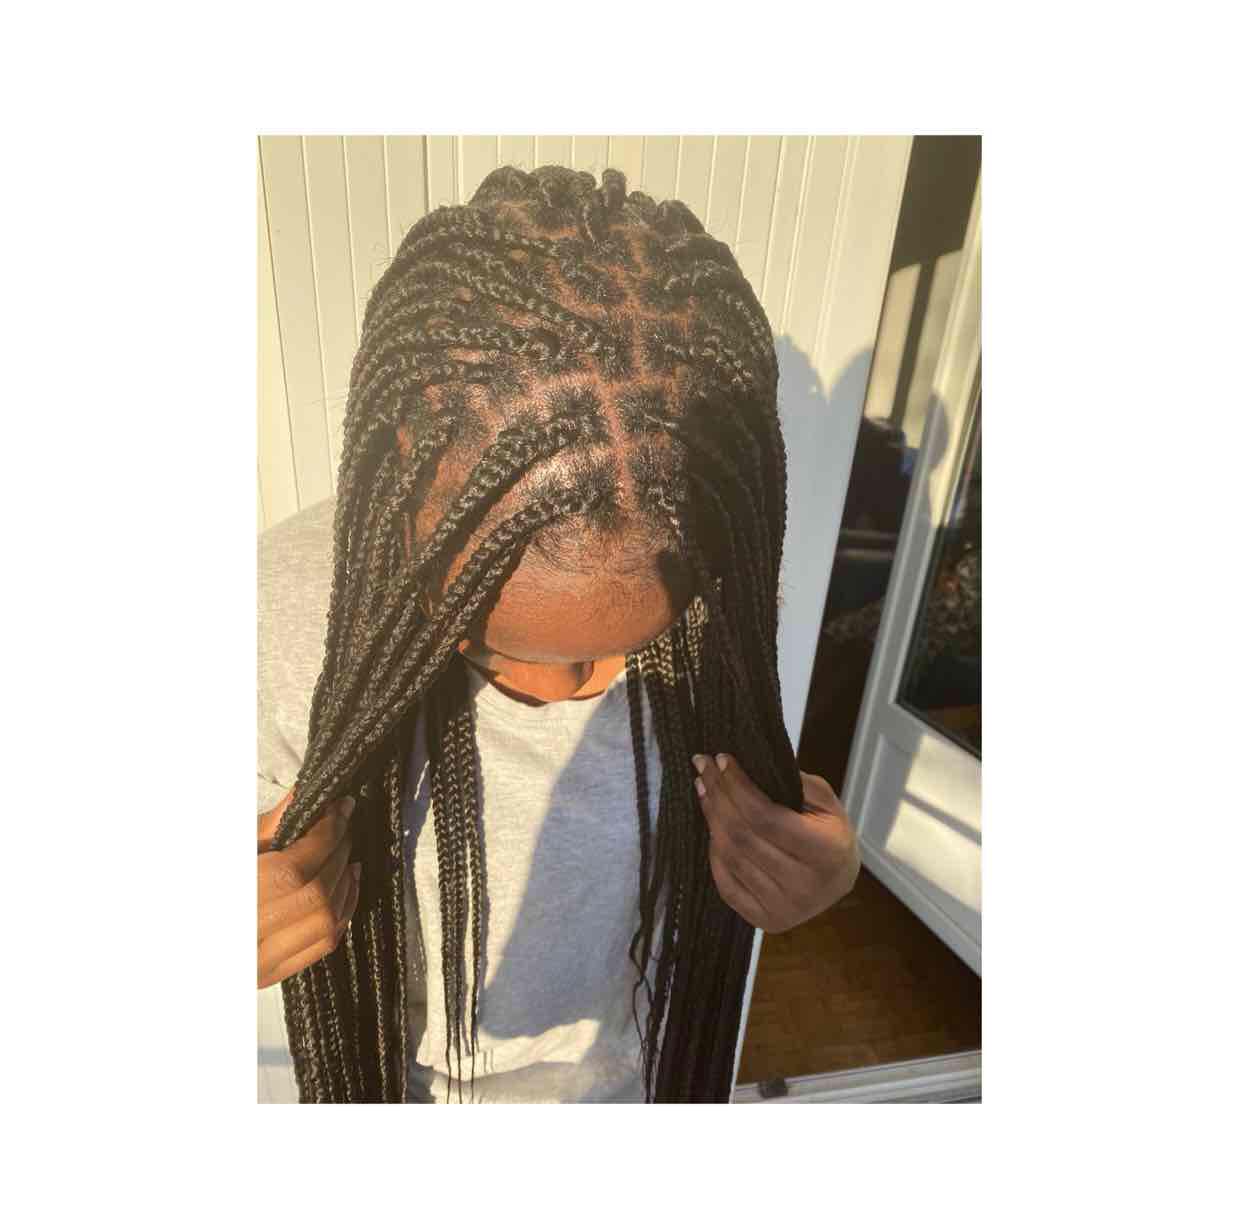 salon de coiffure afro tresse tresses box braids crochet braids vanilles tissages paris 75 77 78 91 92 93 94 95 EMQICITK